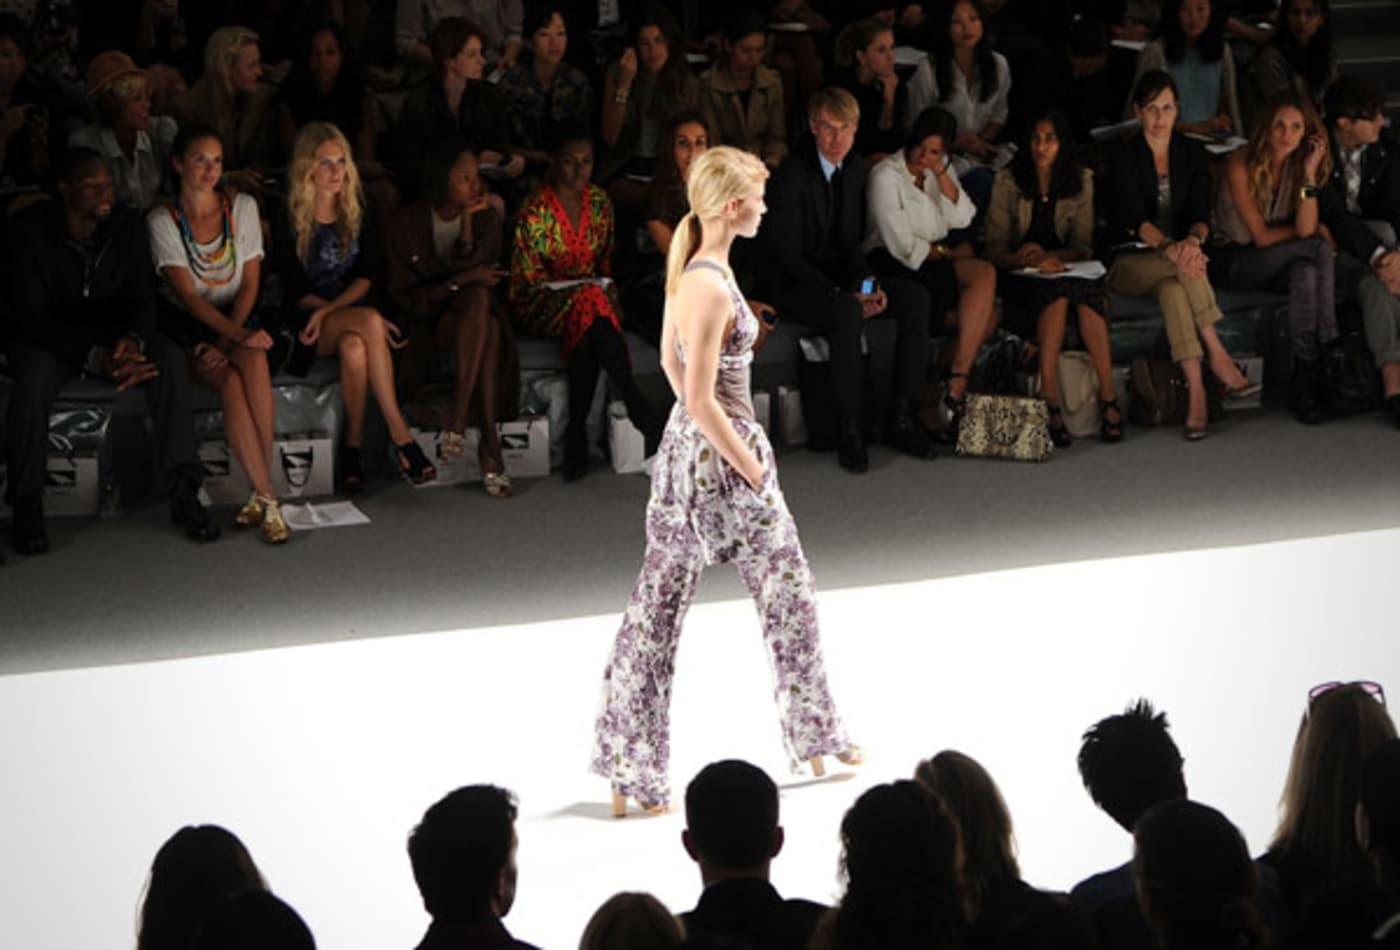 CNBC_NYC_fashion_week_2011_horiz7.jpg